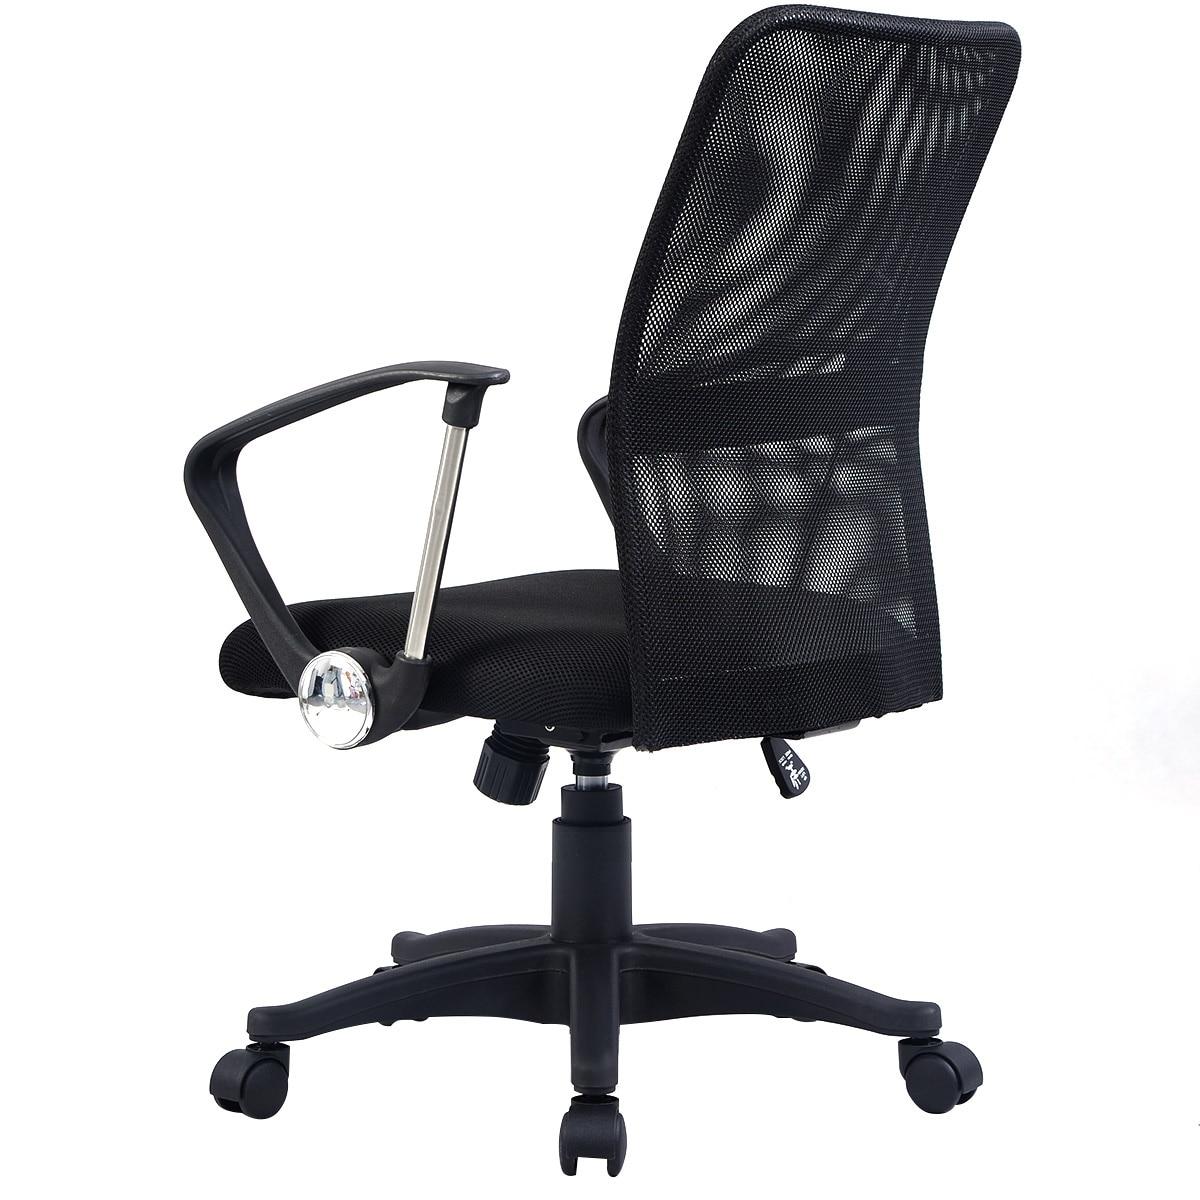 Modern Mesh Mid Back Office Chair Computer Desk Task Ergonomic Swivel Black New